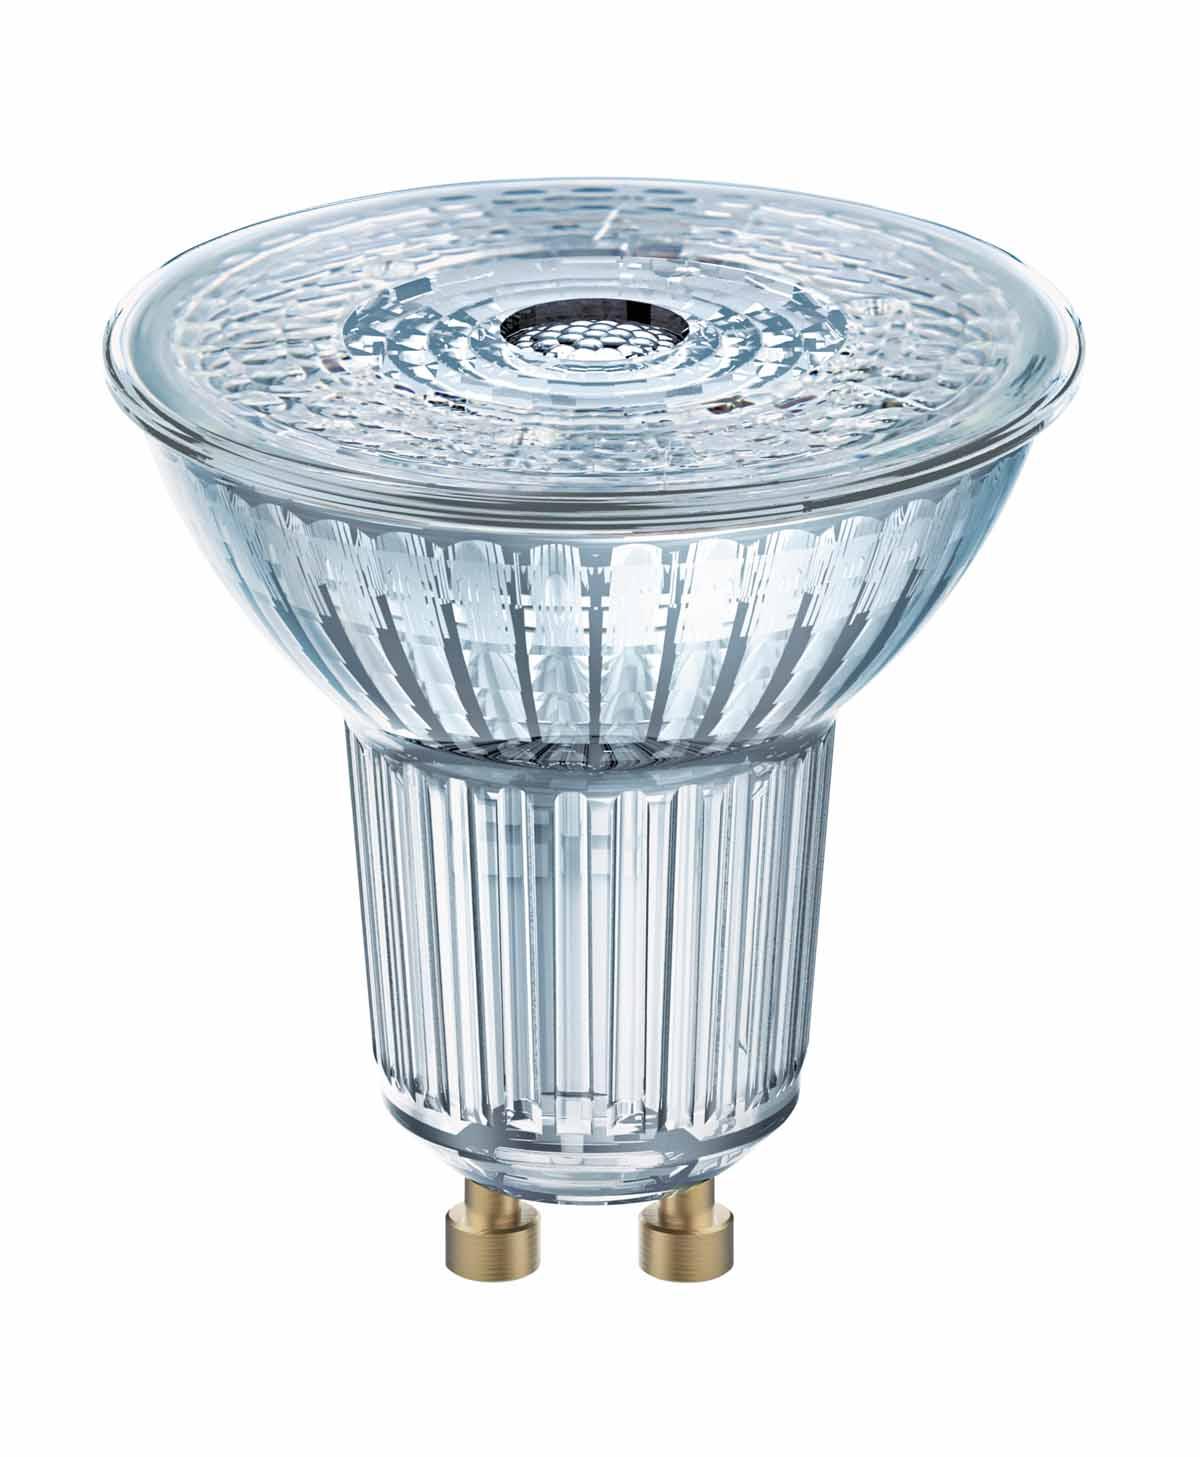 Hochwertige Led Lampen Gunstig Online Kaufen Led De